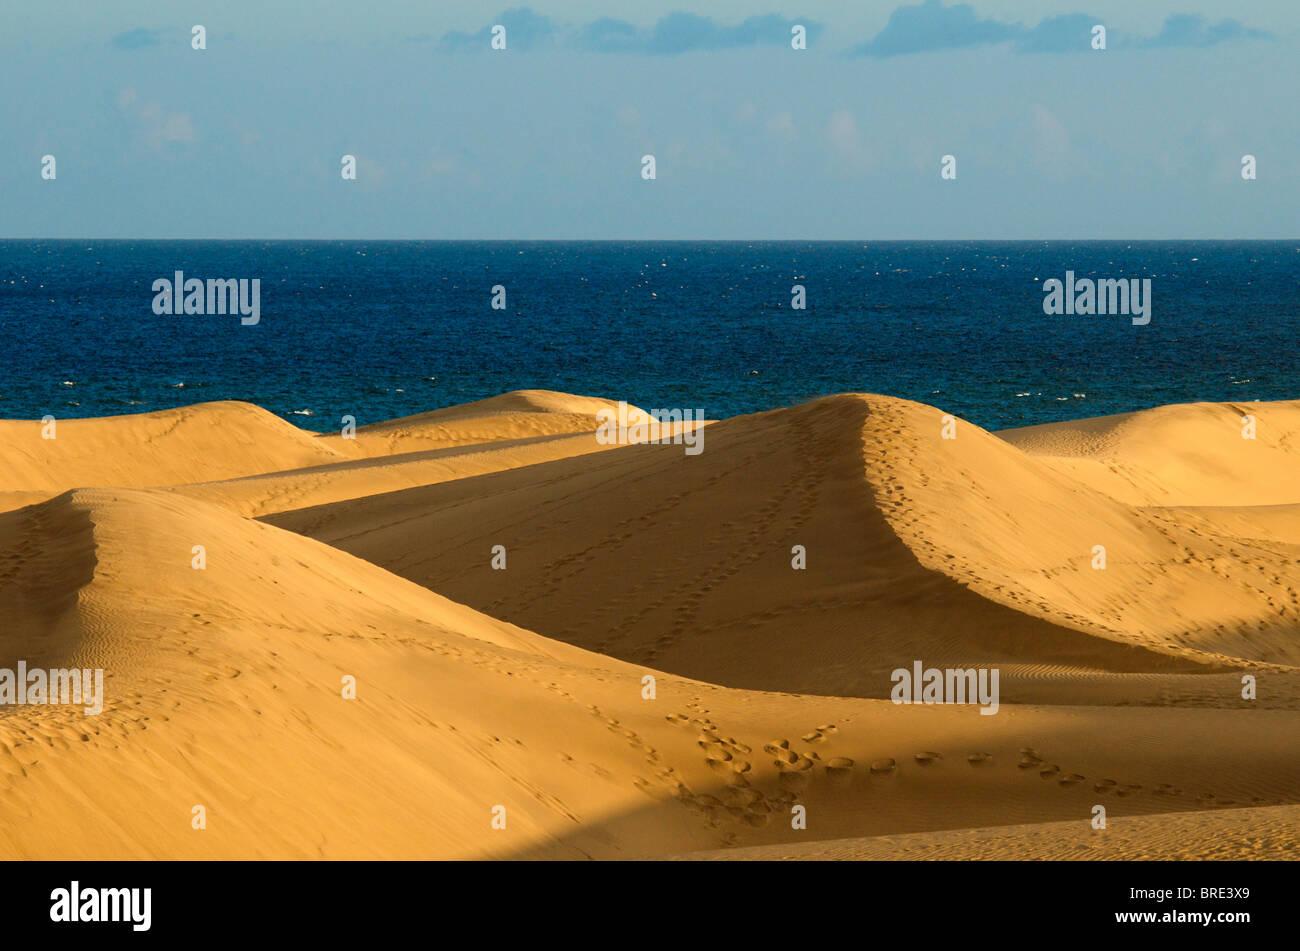 Las dunas de arena de Maspalomas, Gran Canaria, Islas Canarias, España Imagen De Stock